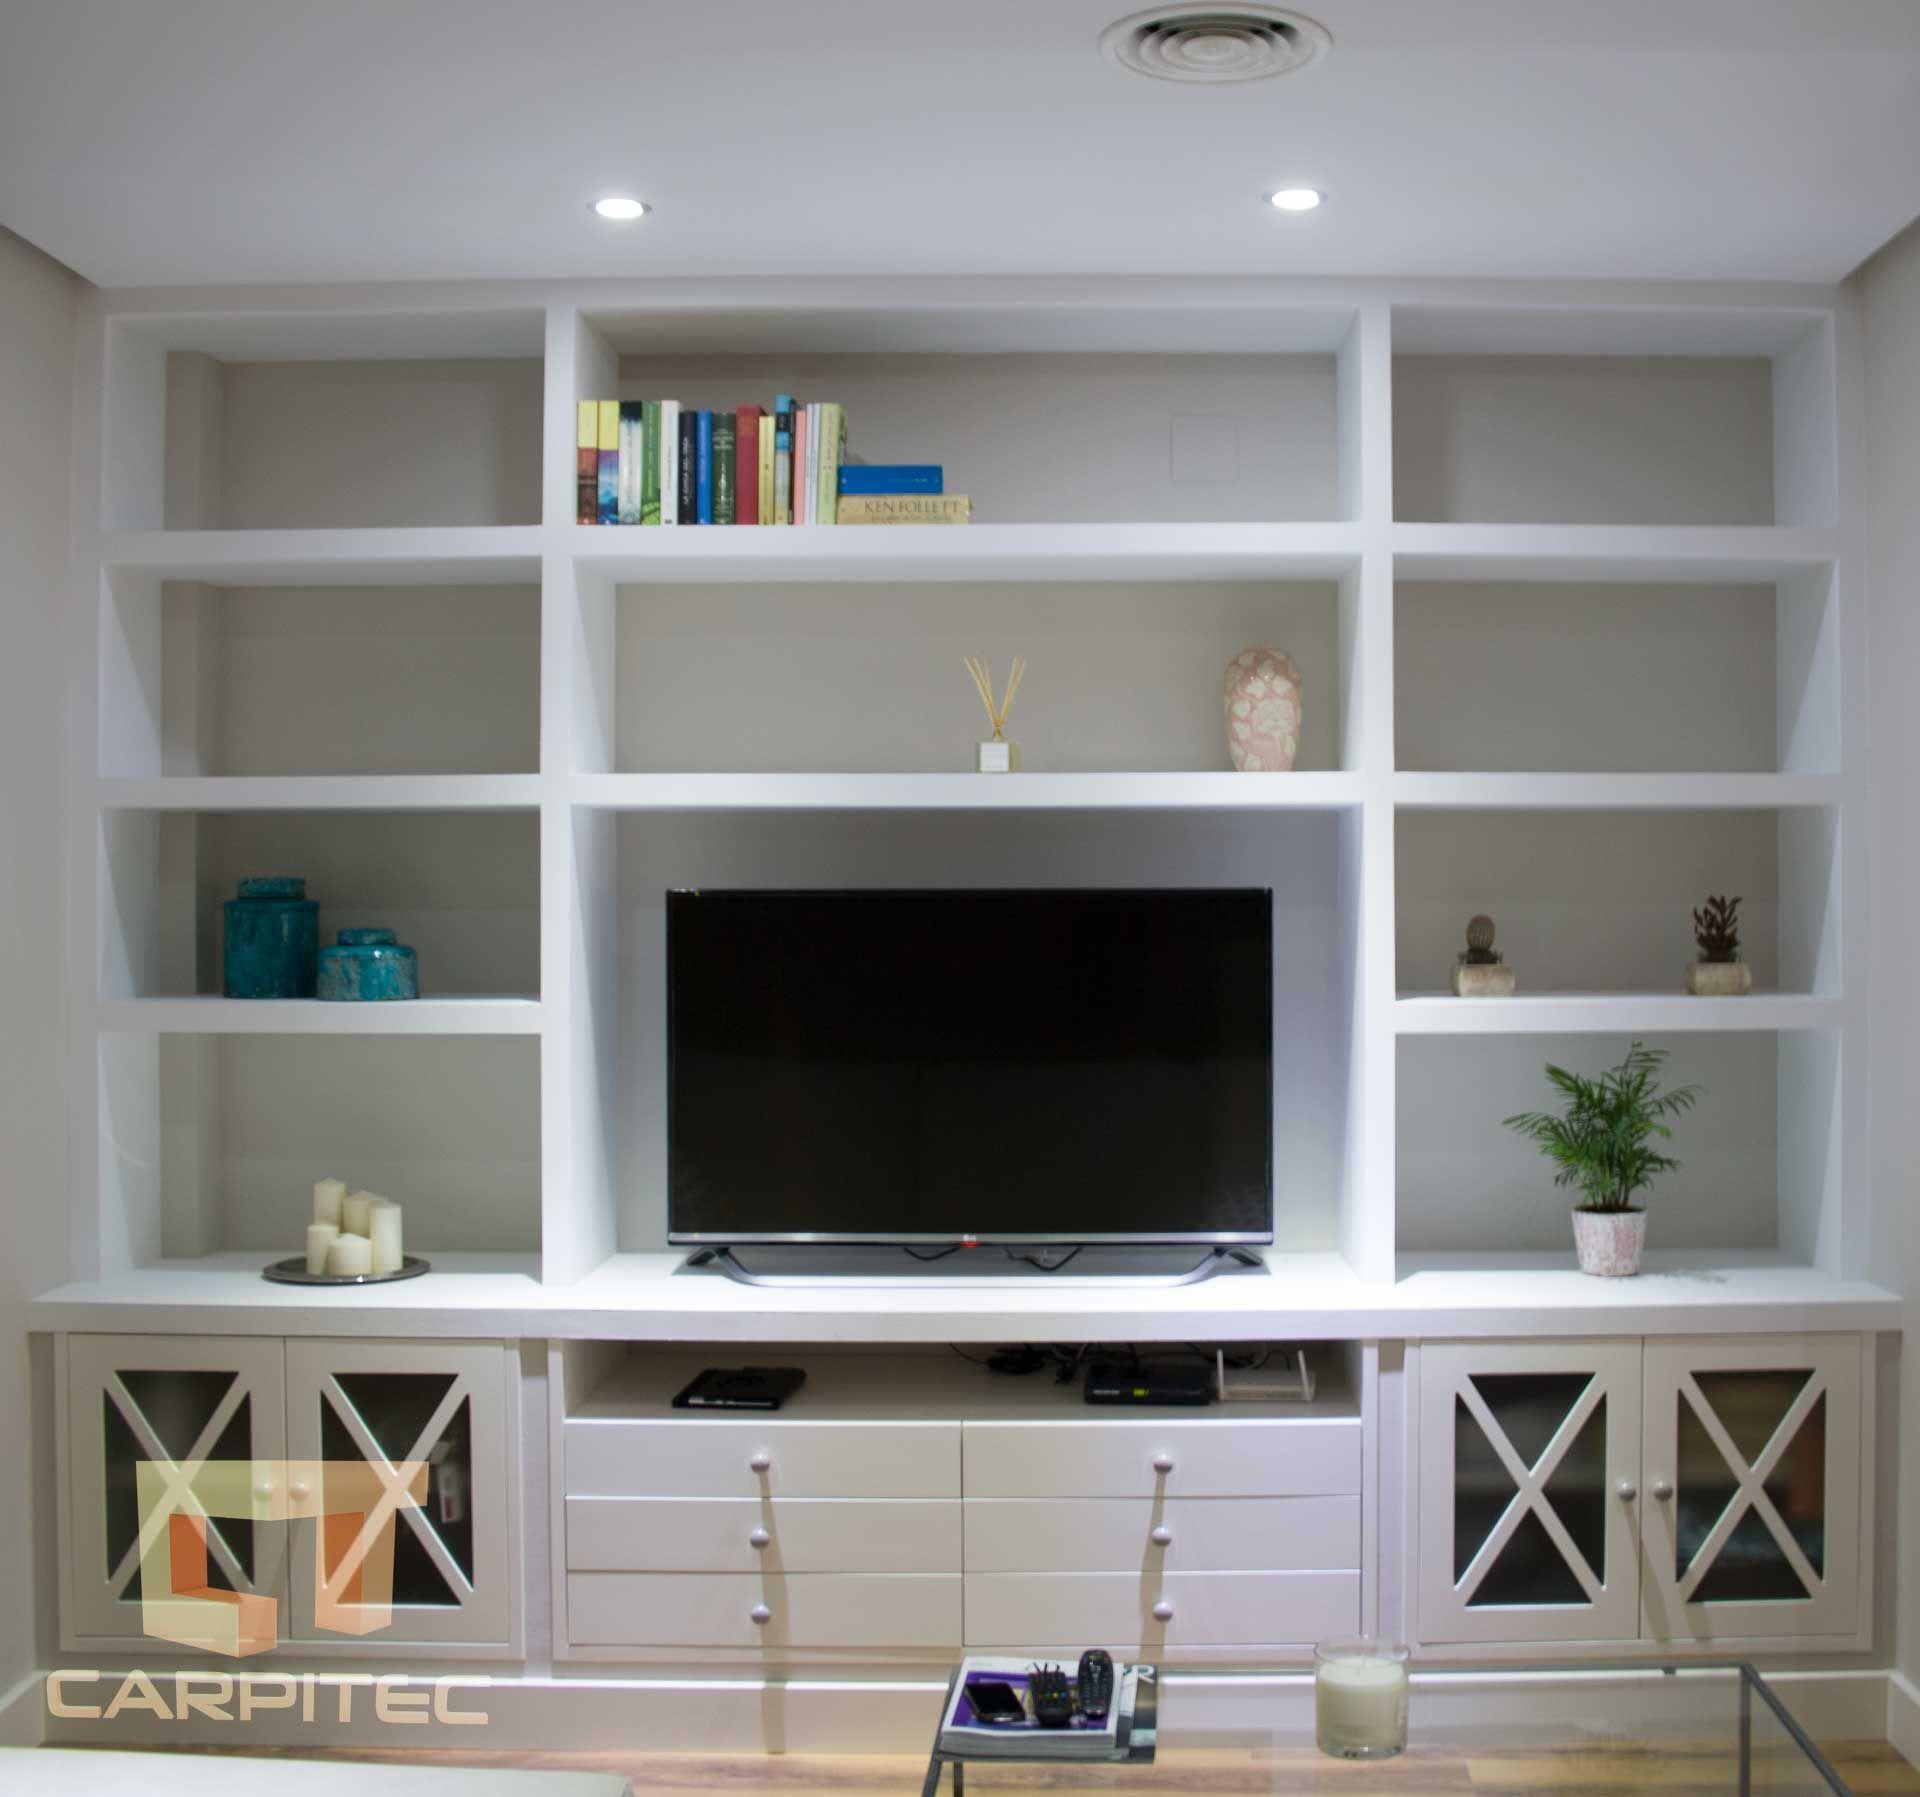 Mueble estanter a para sal n en pladur y madera lacada en for Muebles organizadores para living